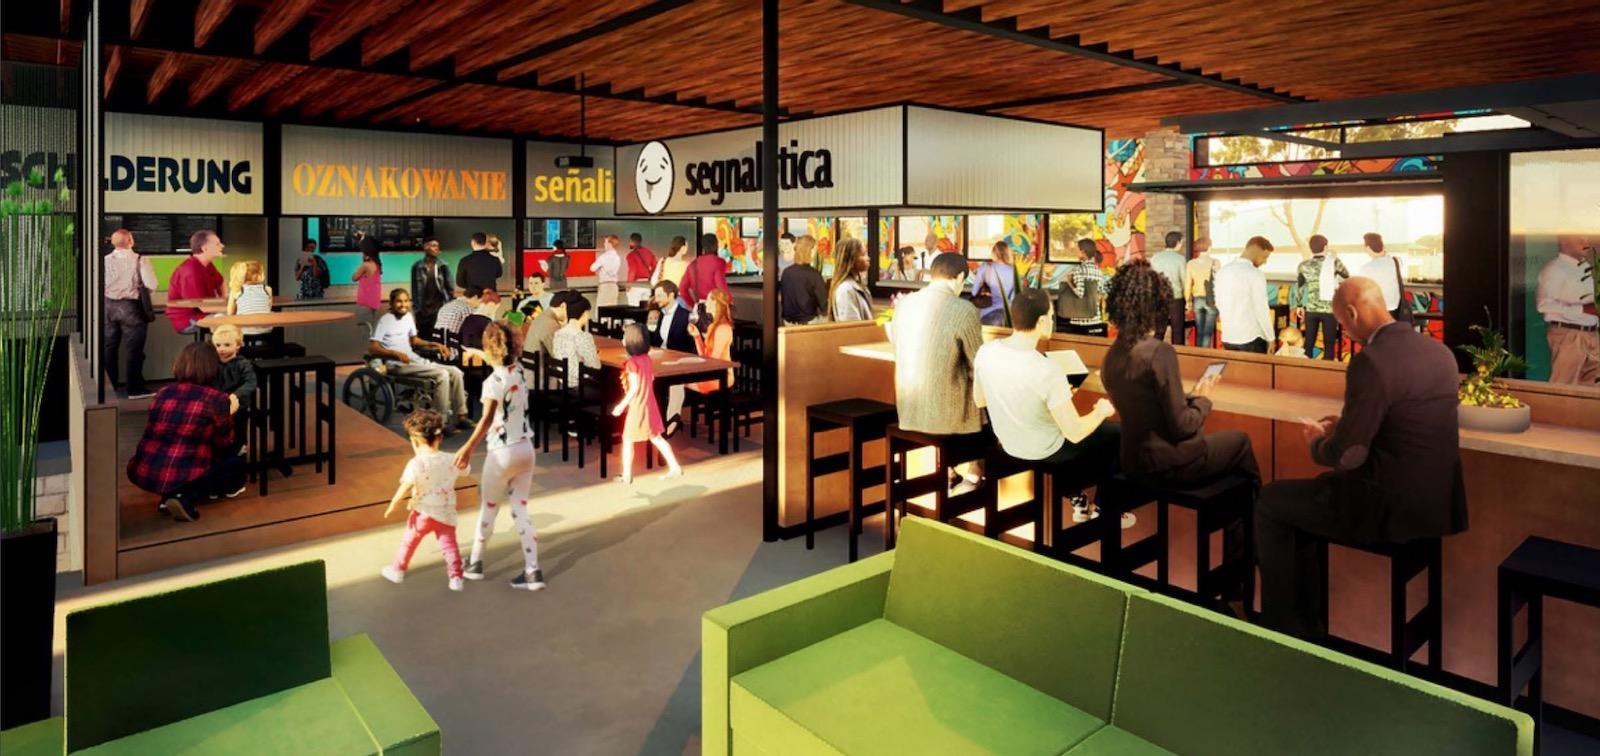 North Avenue Market interior rendering